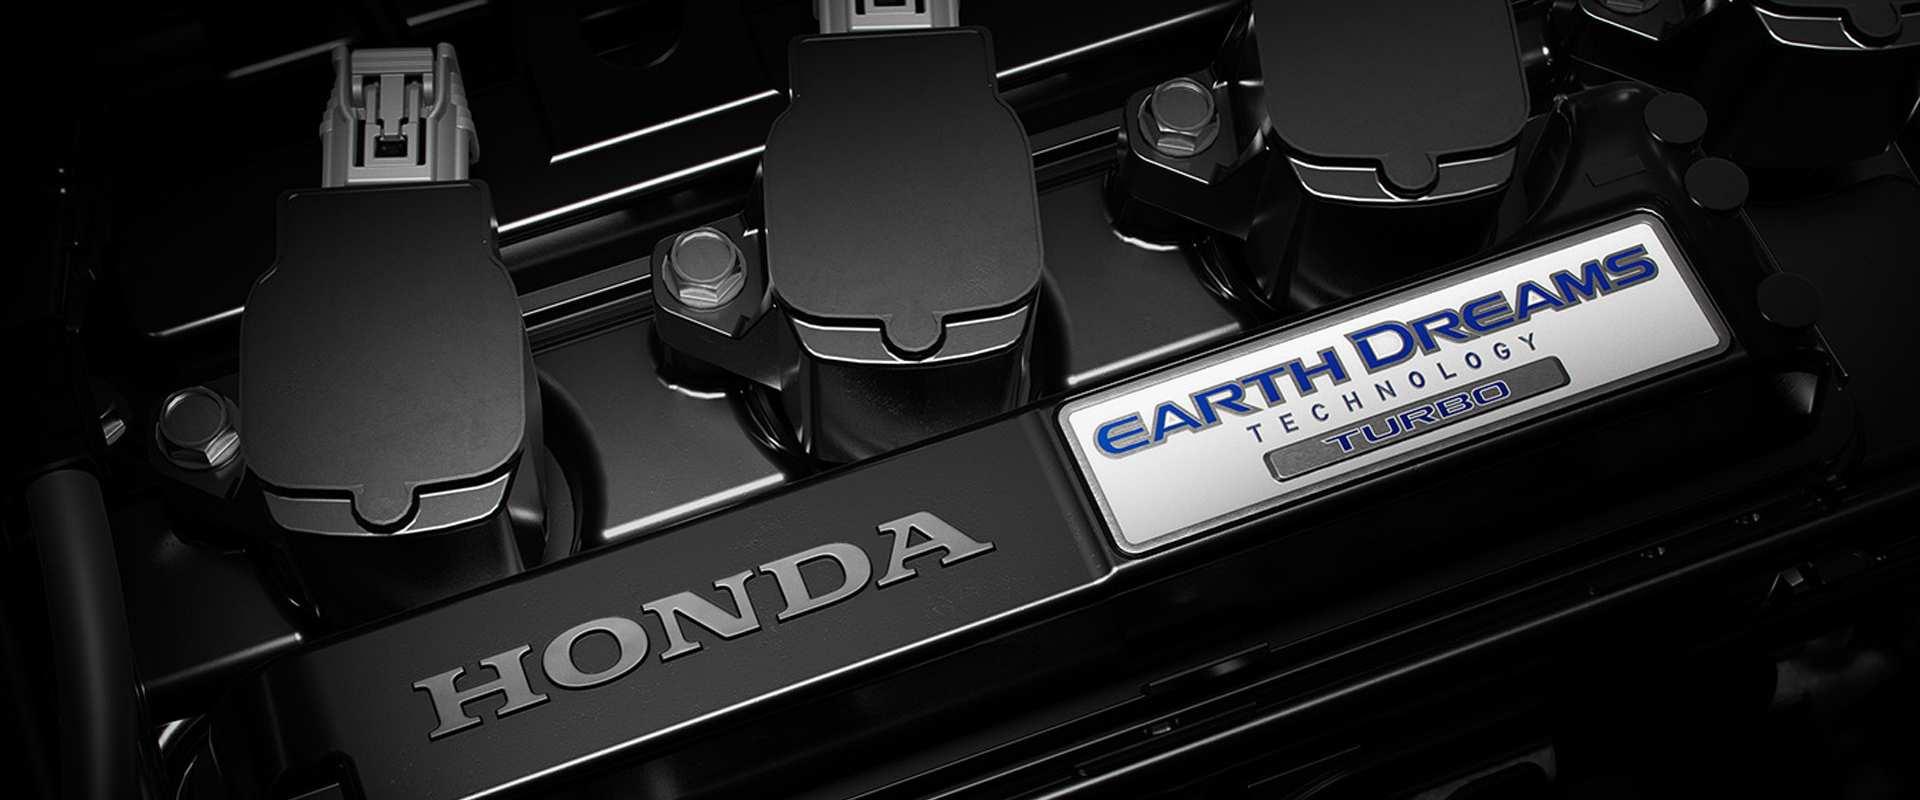 Motor 1.5l TURBO 173cv DOHC 16V duplo VTC com injeção direta - Uma verdadeira máquina: motor turbo de 173 cavalos de potência, com injeção direta, duplo comando de válvula variável e uma alta eficiência no consumo de combustível.